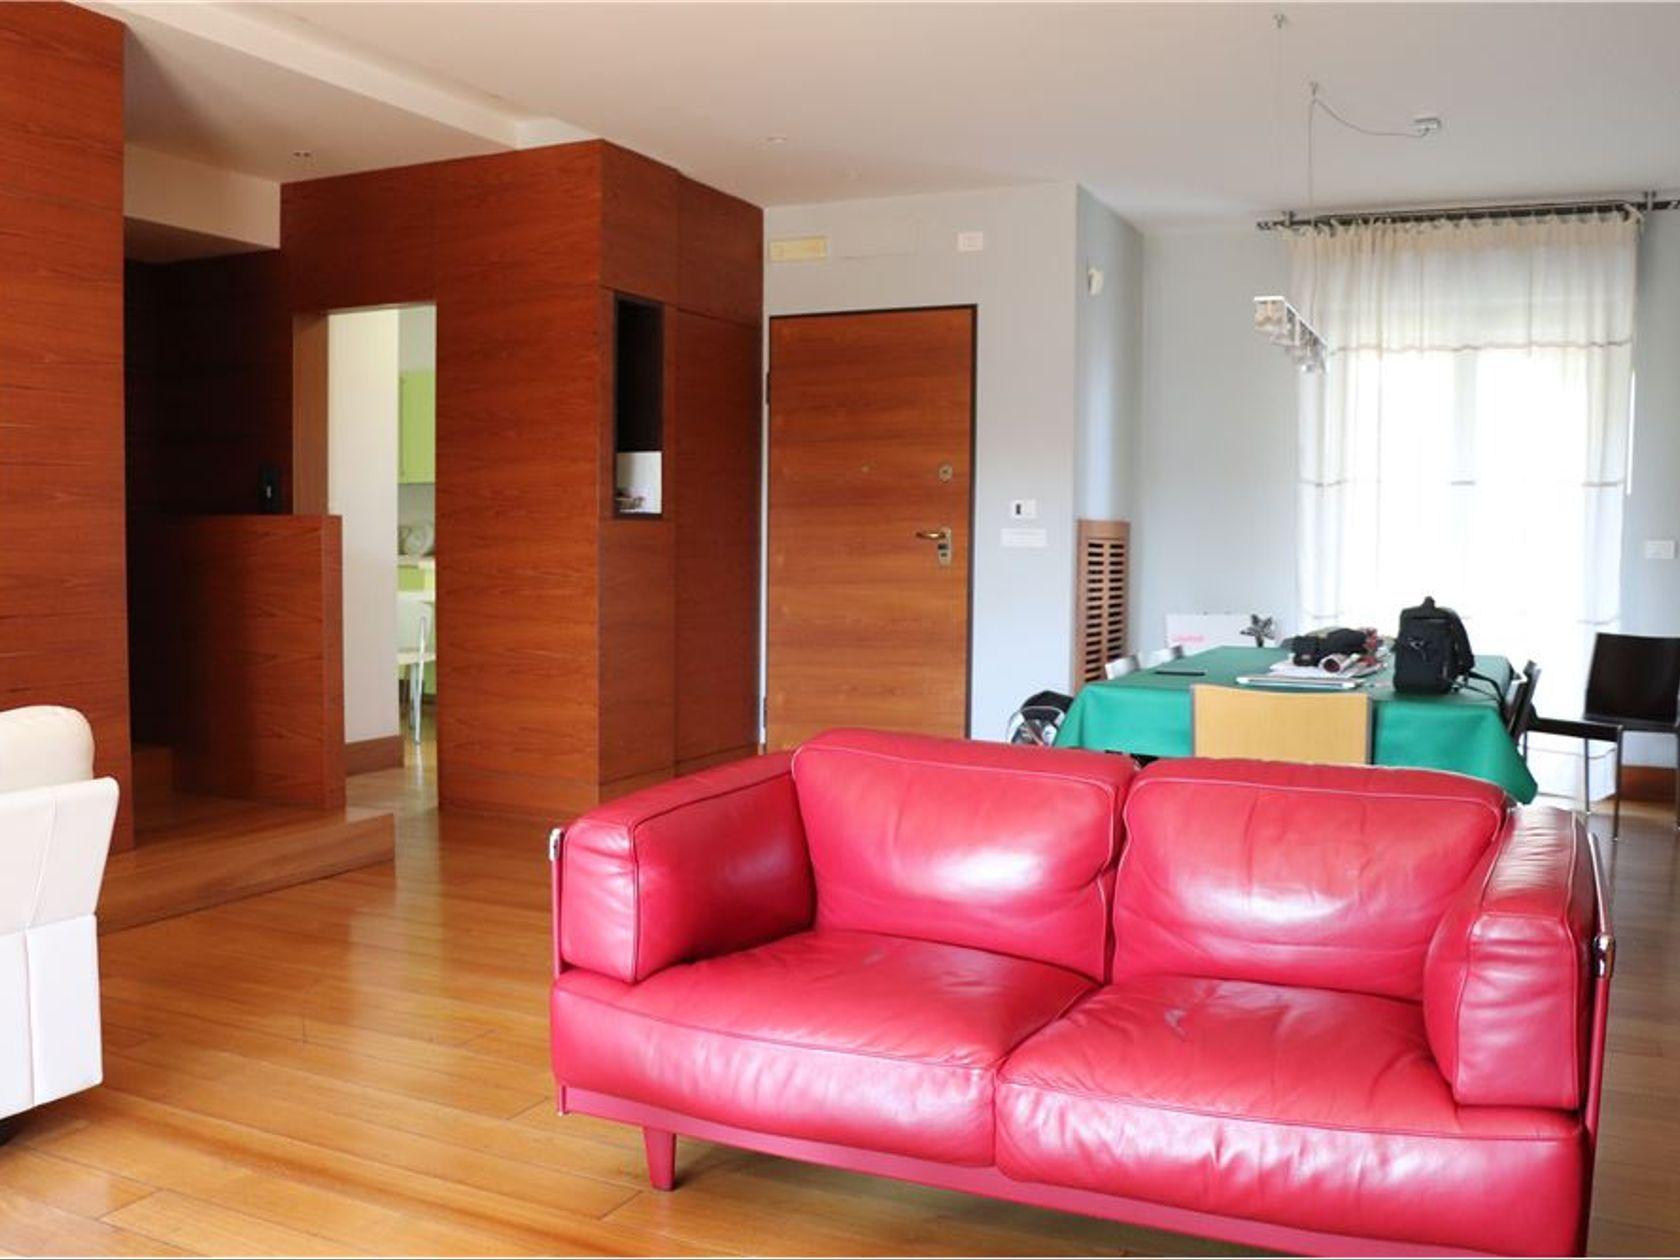 Armadi A Muro Su Misura Bari.Villa Singola In Vendita Bari 20031002 2956 Re Max Italia